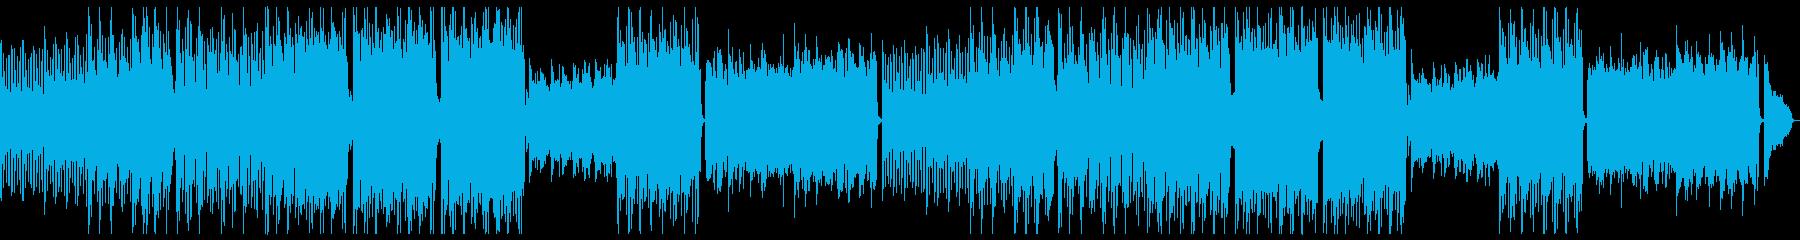 カジュアル穏やかエレピポップ:フルx2の再生済みの波形